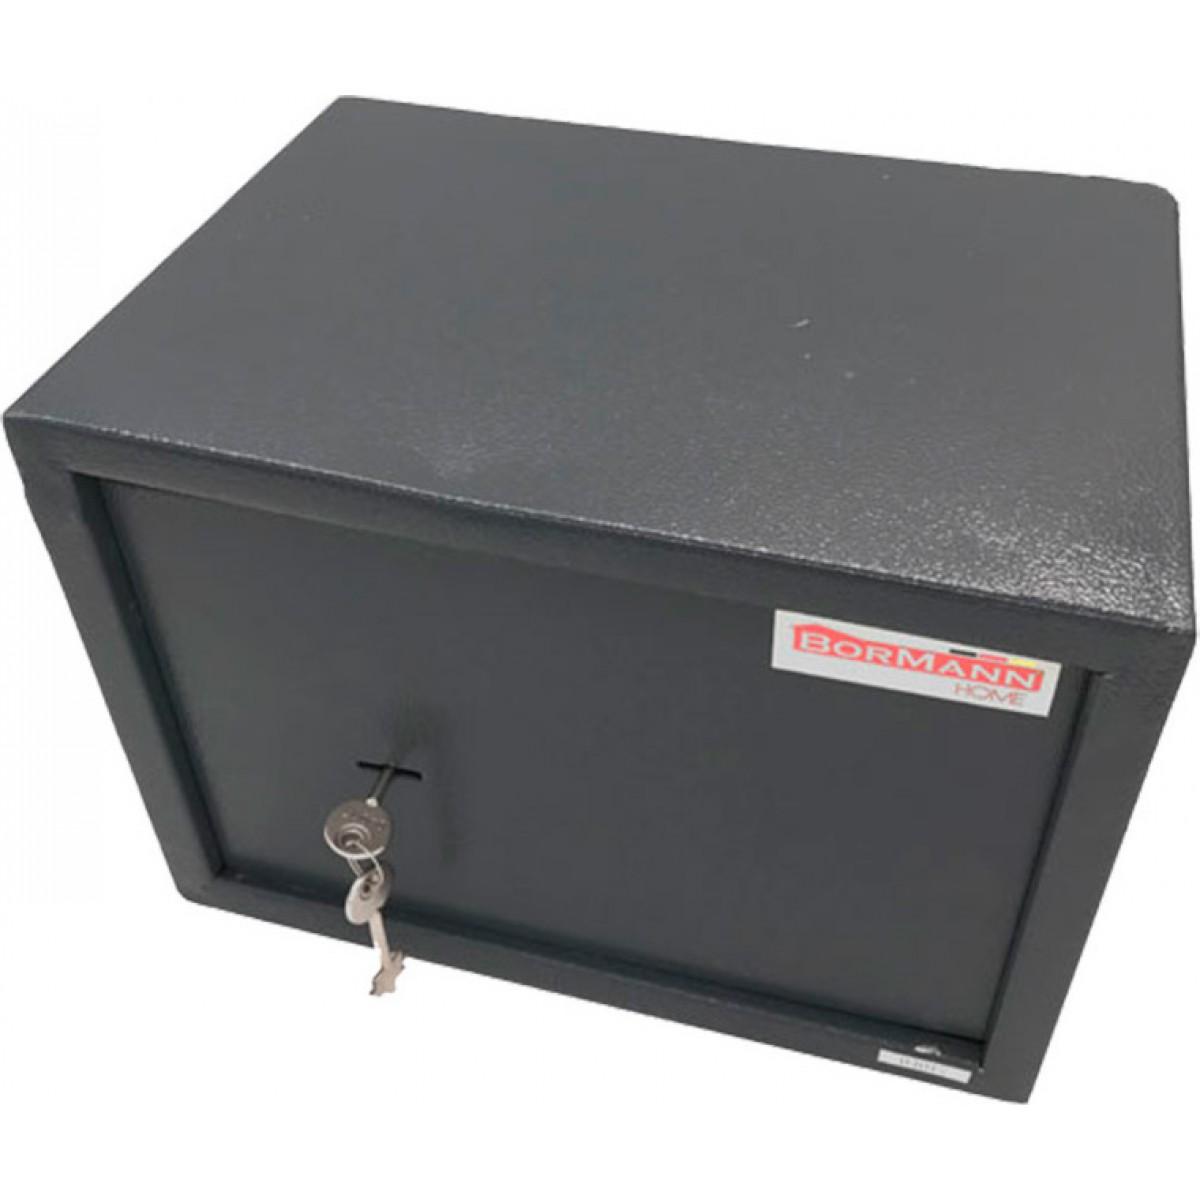 Χρηματοκιβώτιο με κλειδί BORMANN BDS2200